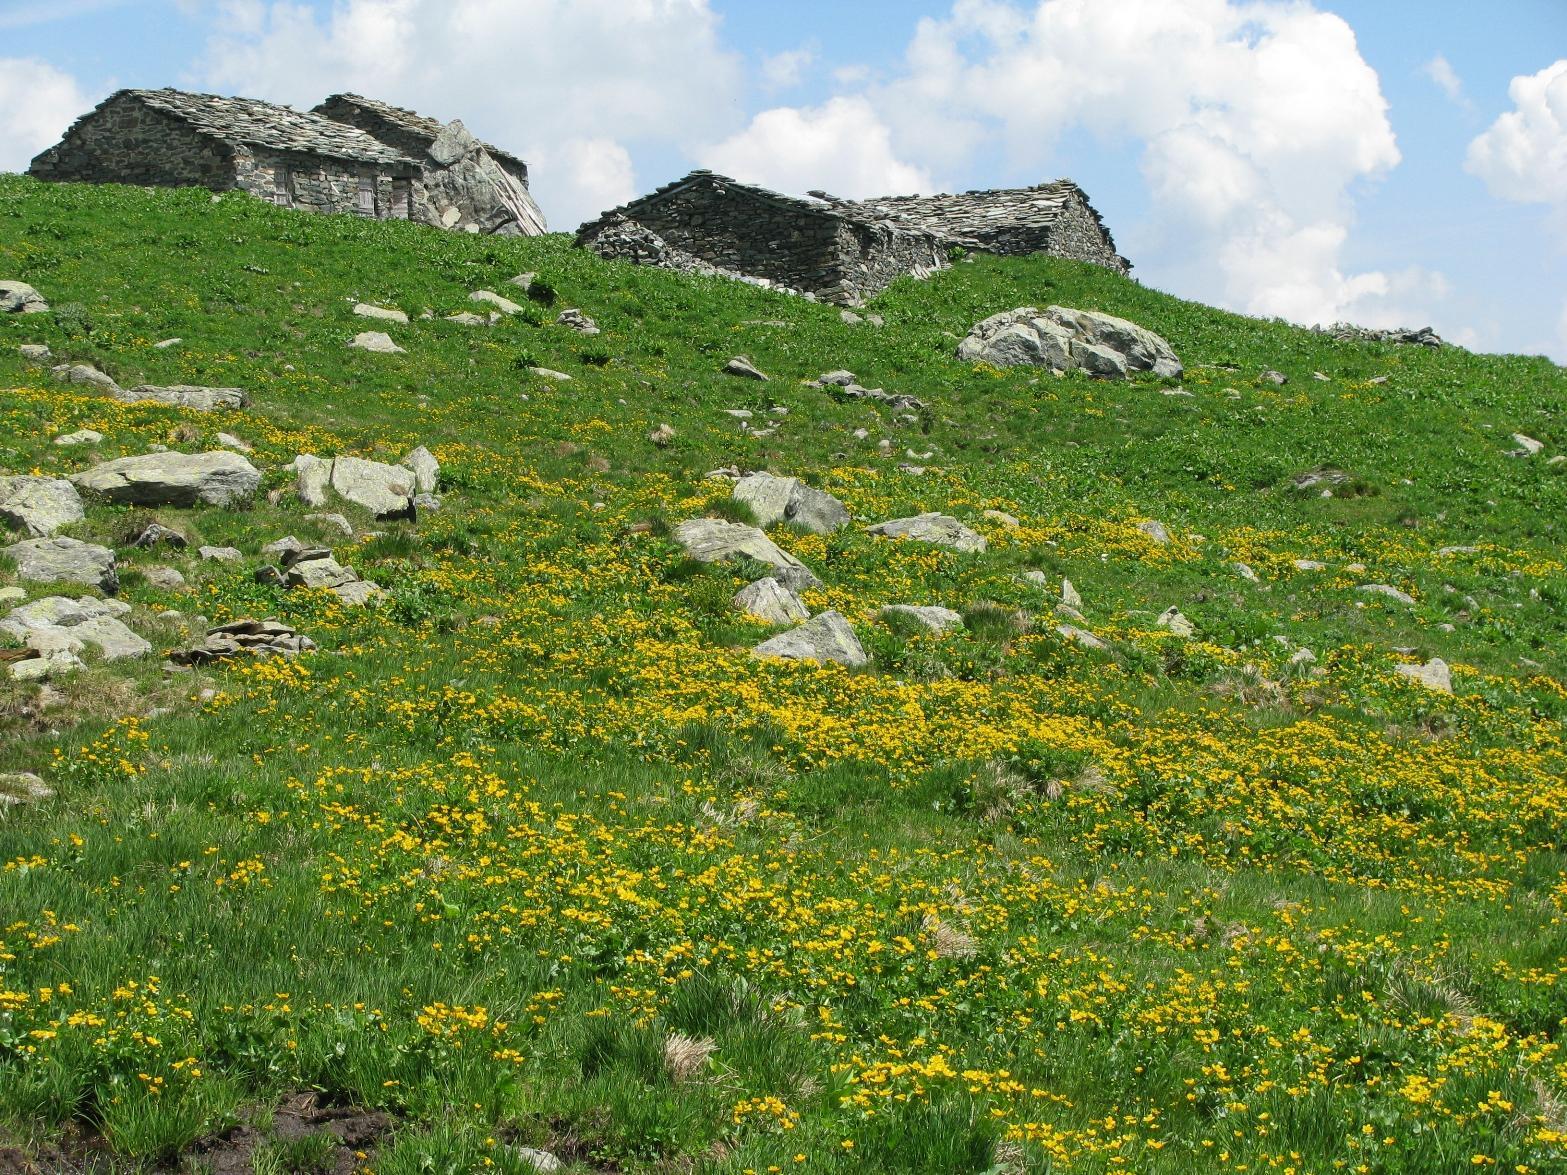 Alpe Pian del Roc